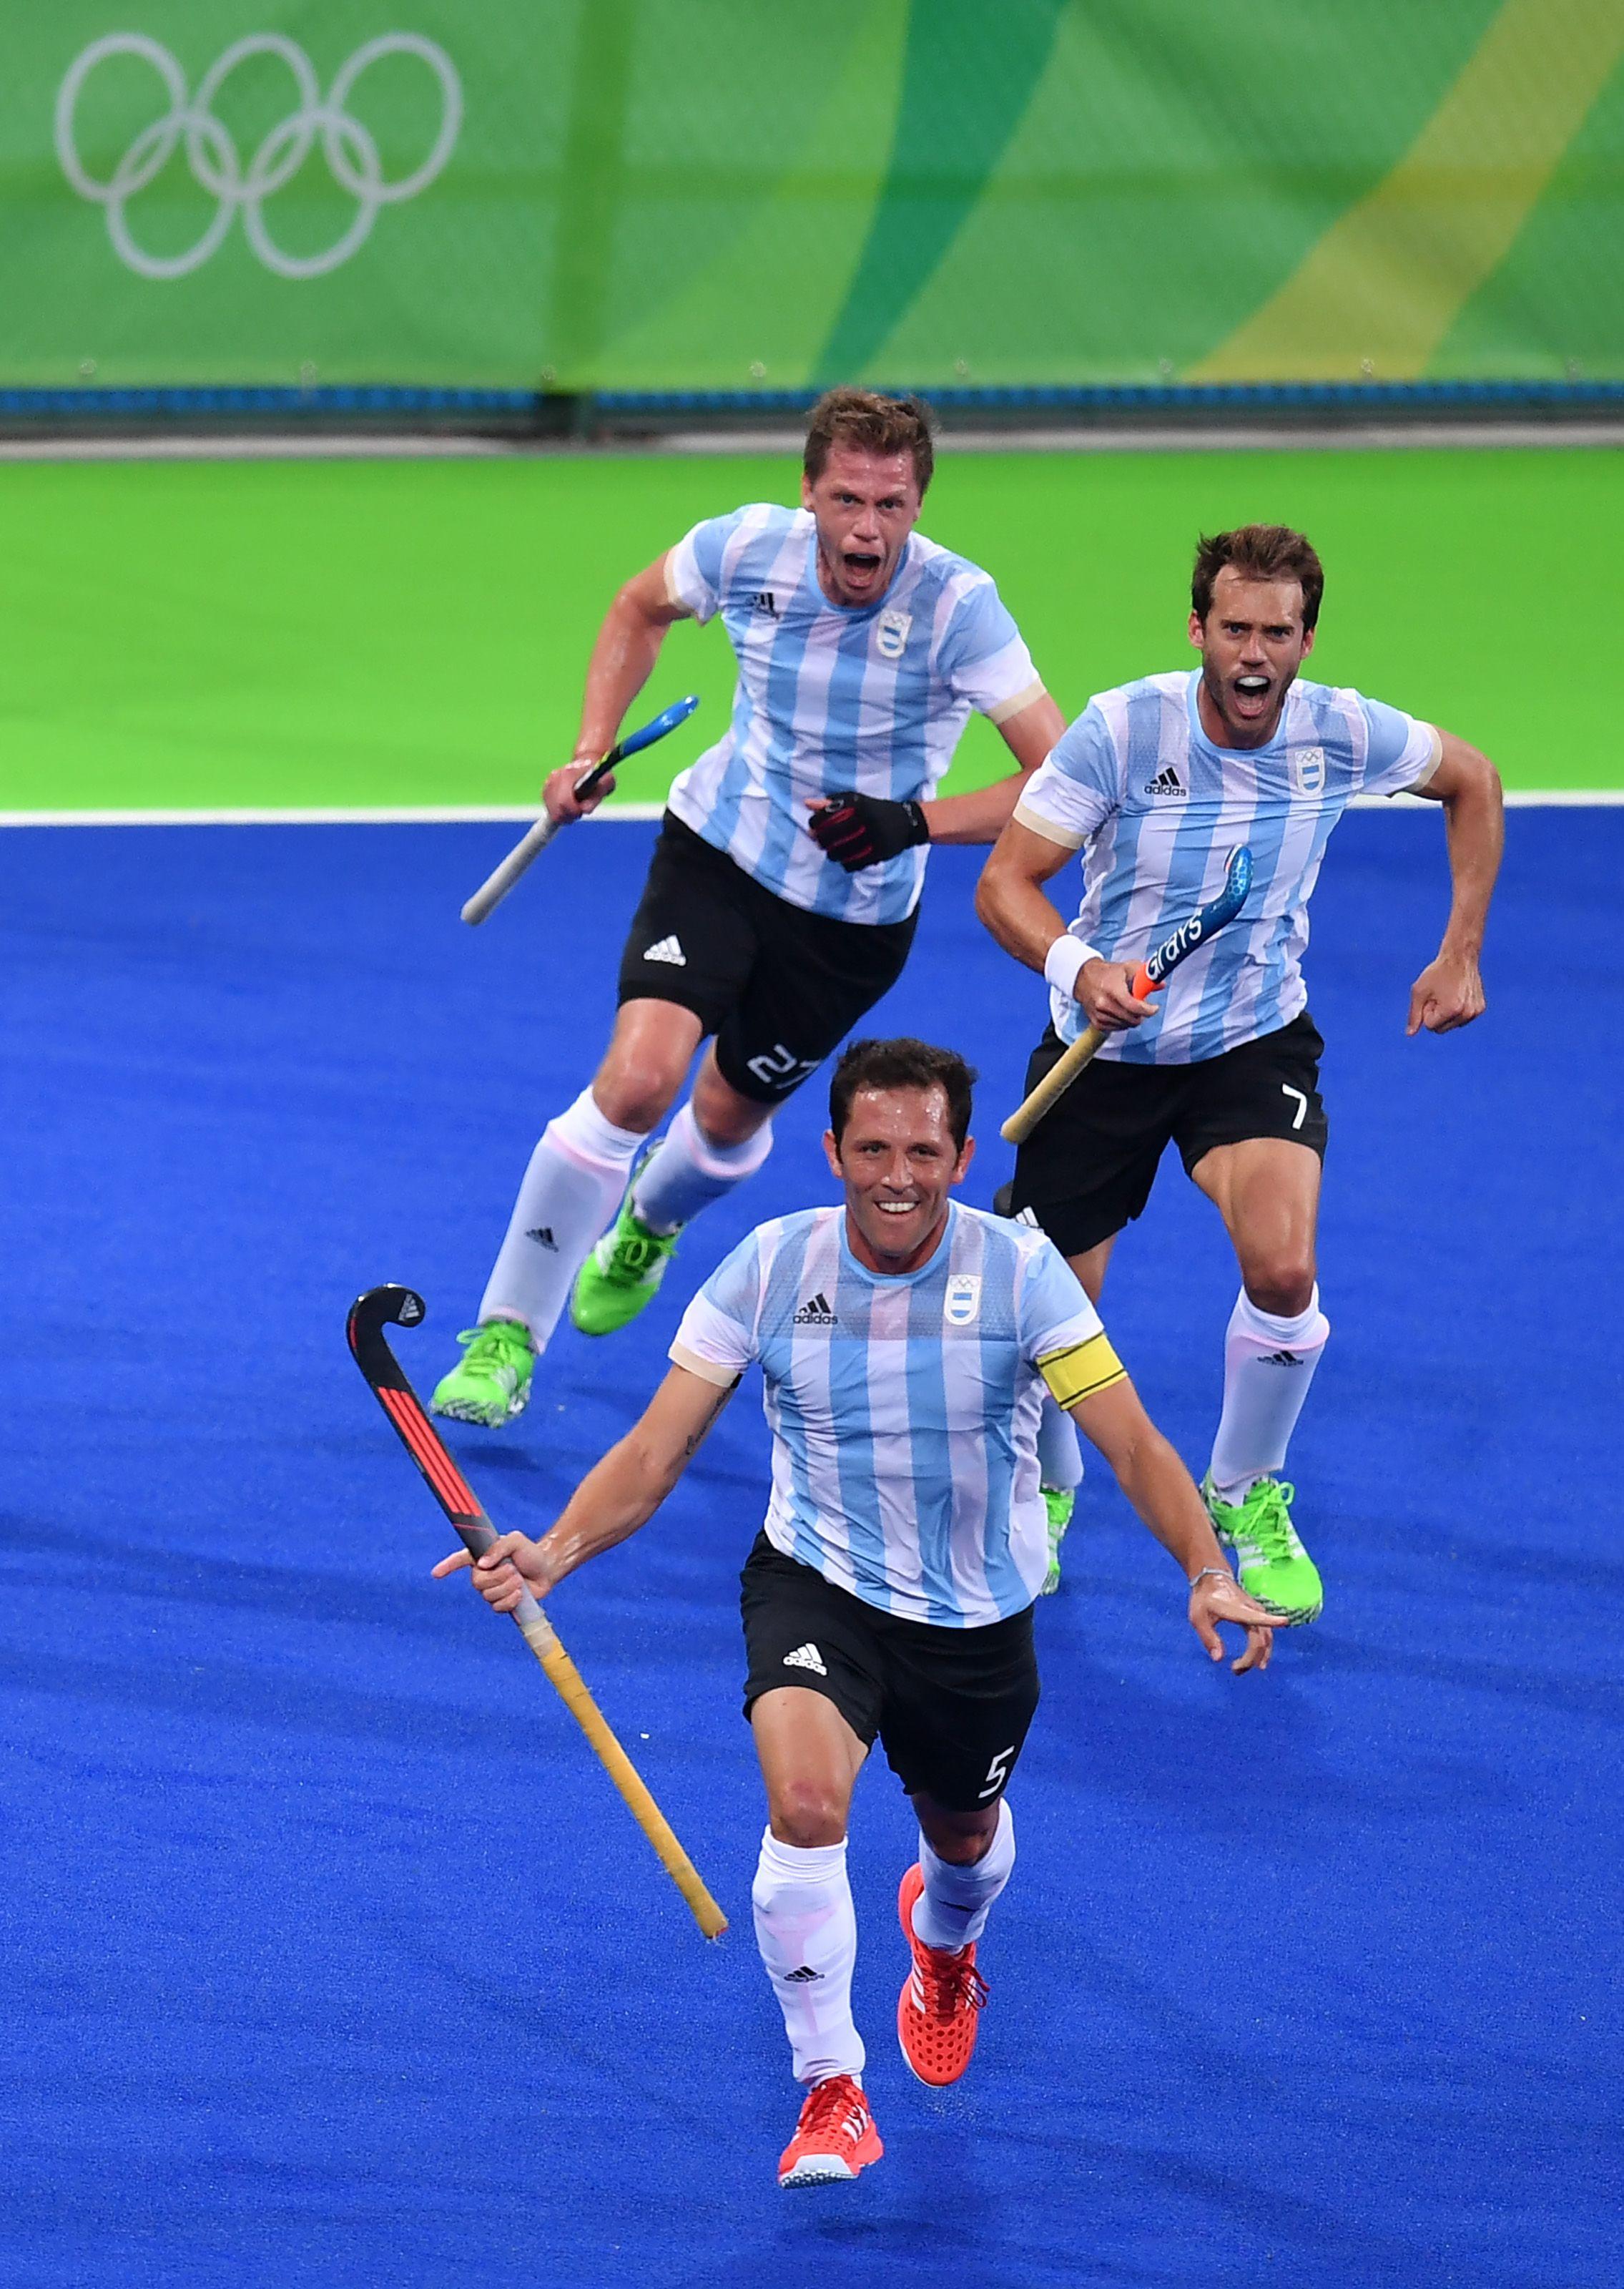 Los Leones vencieron a Bélgica y ganaron la medalla de oro en Río